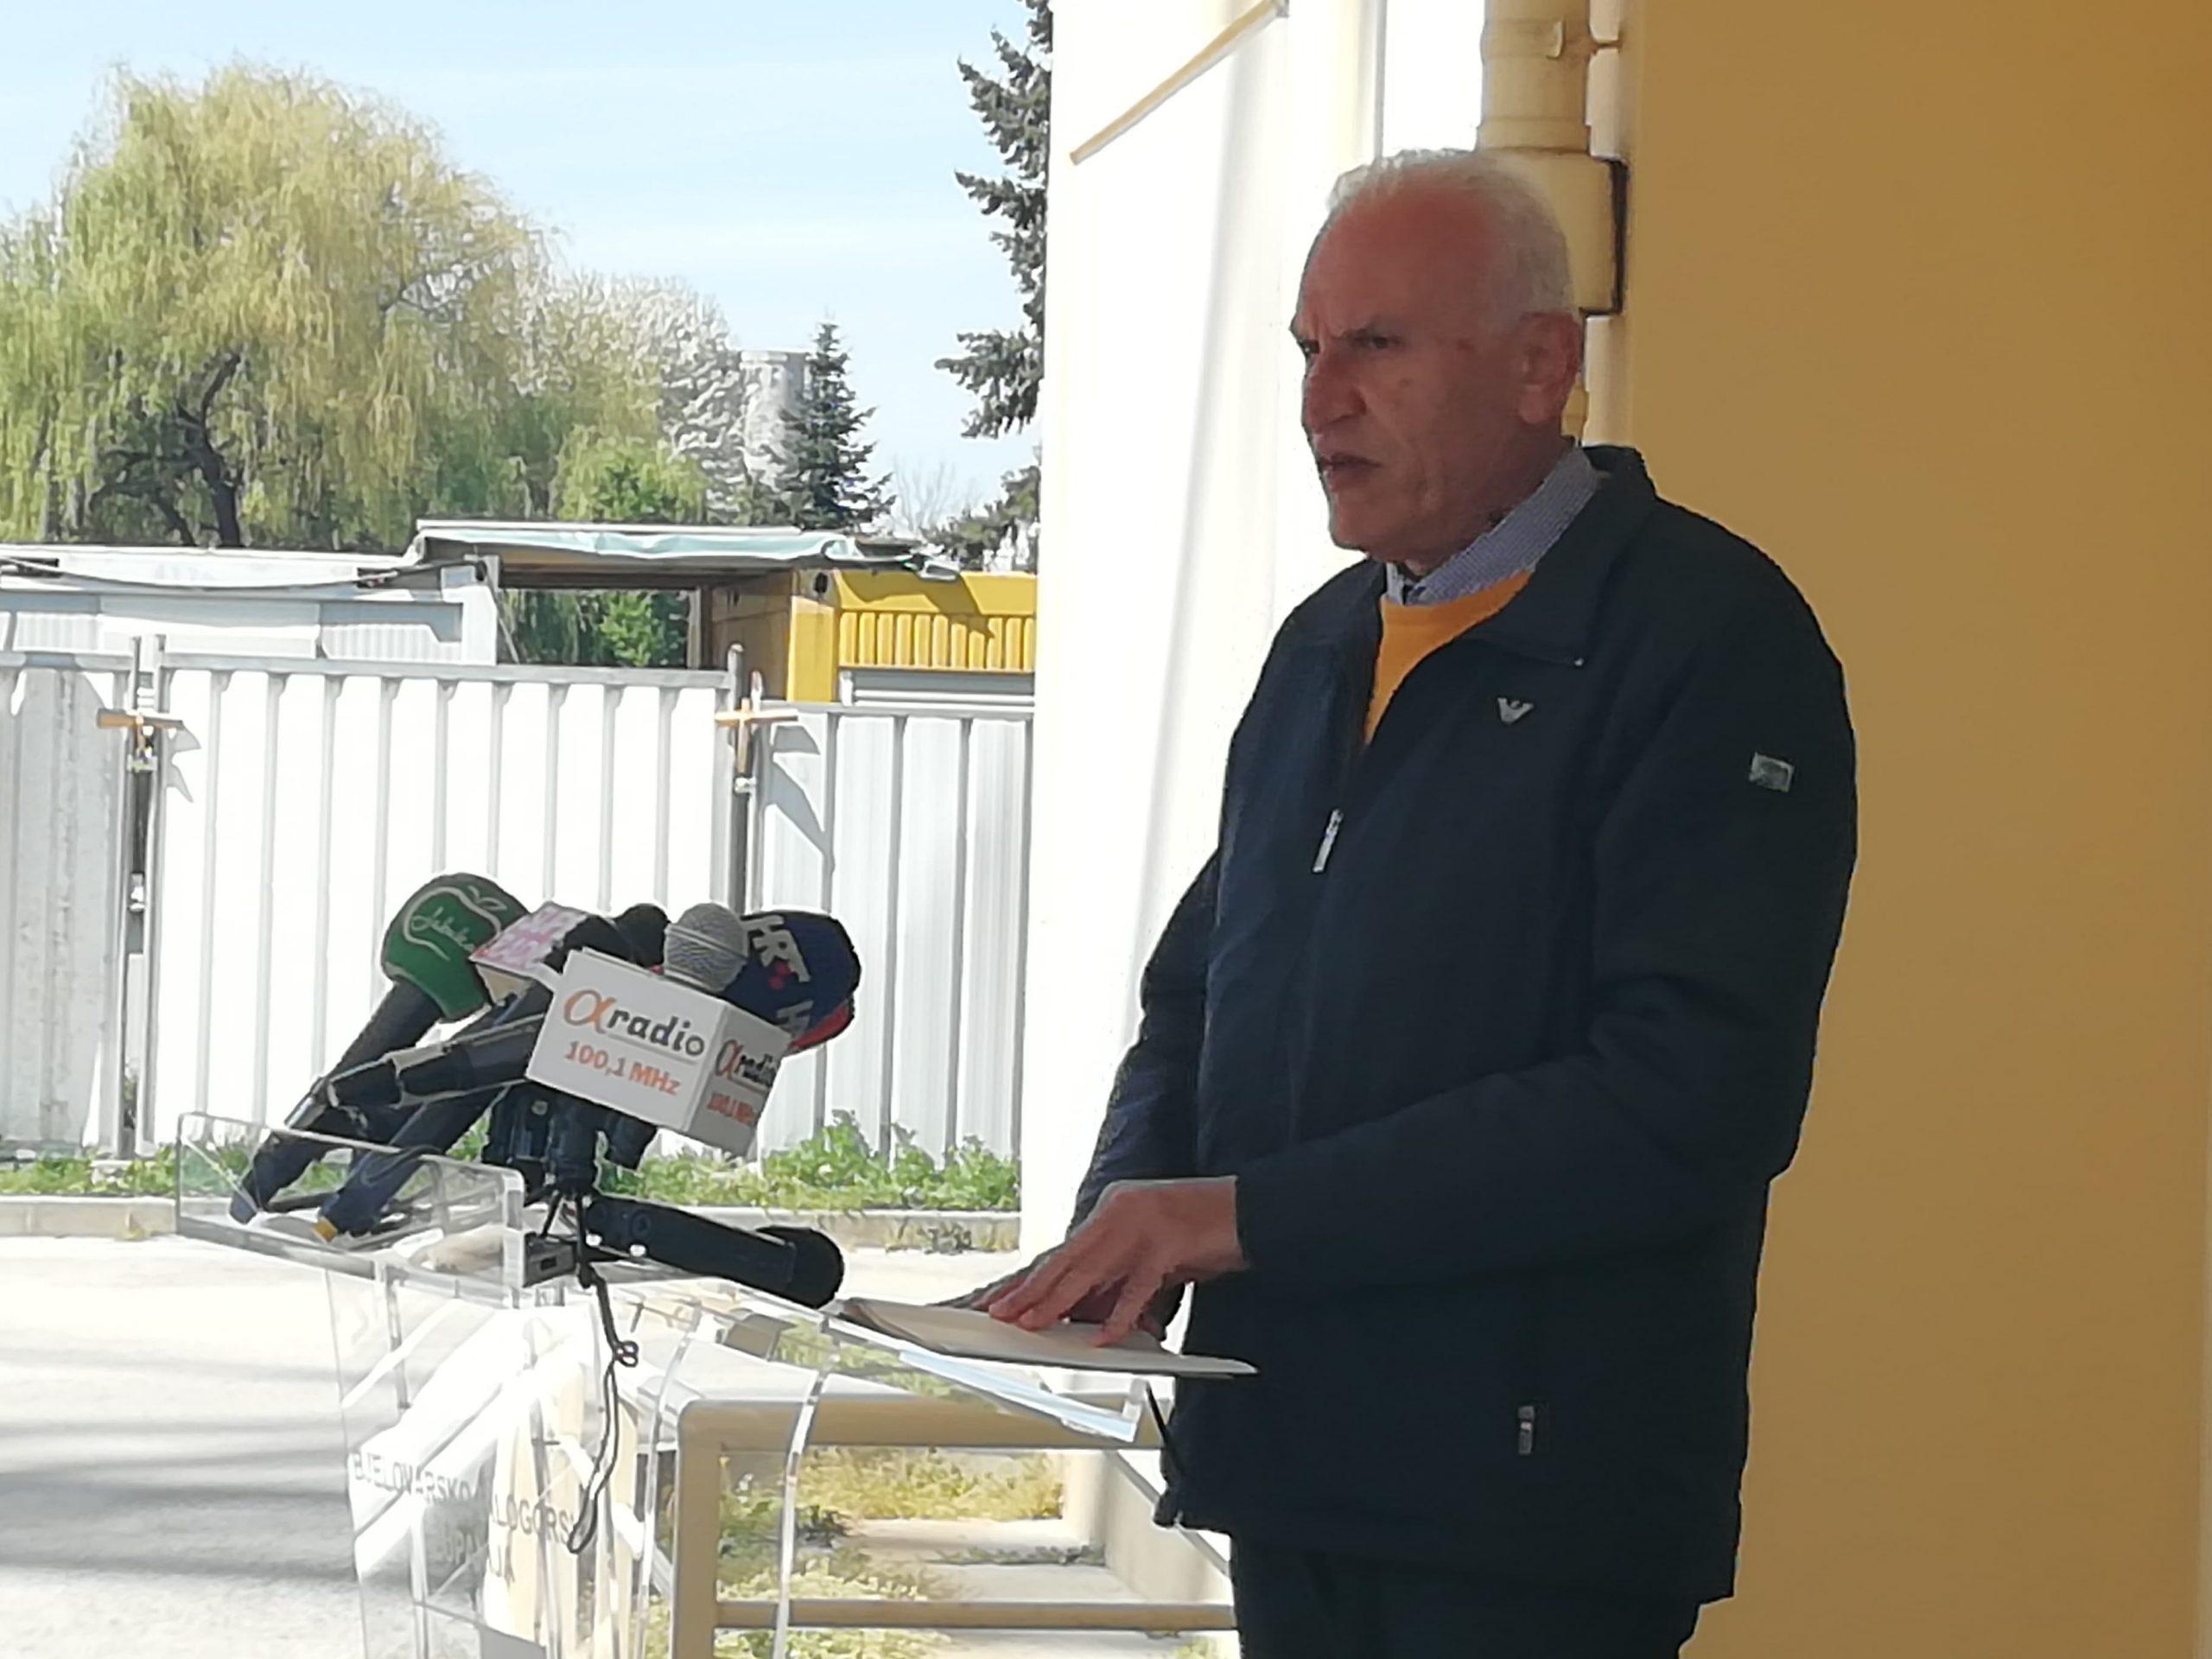 OBITELJSKA TRANSMISIJA Zaražena supruga 88-godišnjaka iz Garešnice